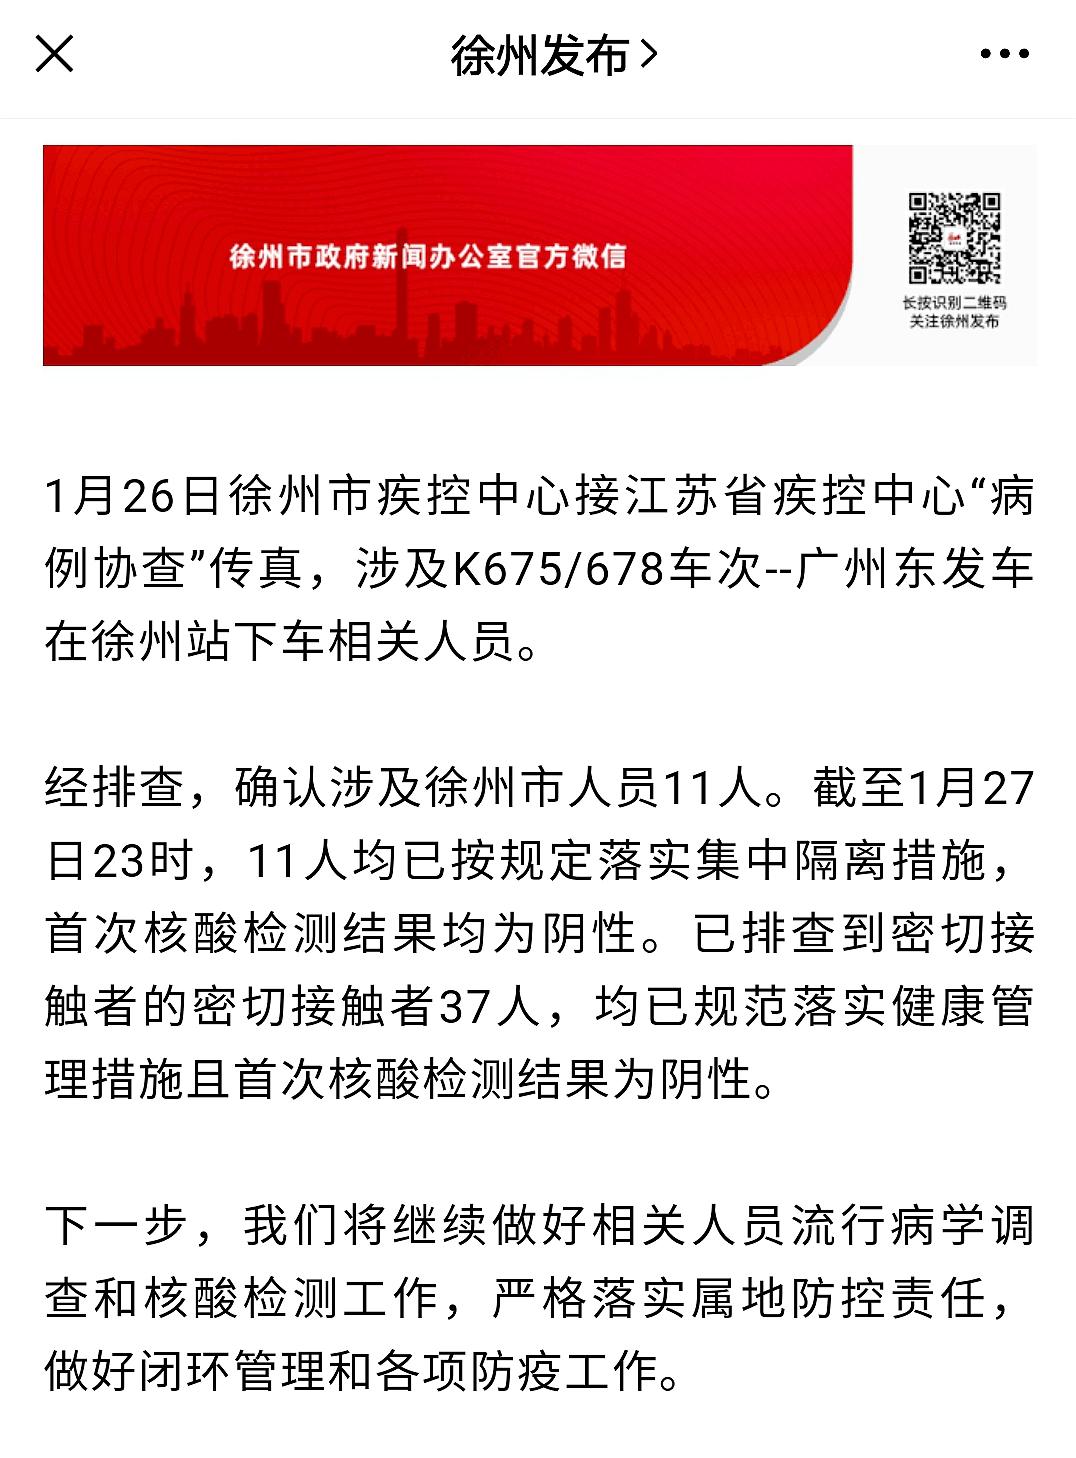 """江苏徐州发布关于""""病例协查""""情况通报 涉及徐州市人员11人"""